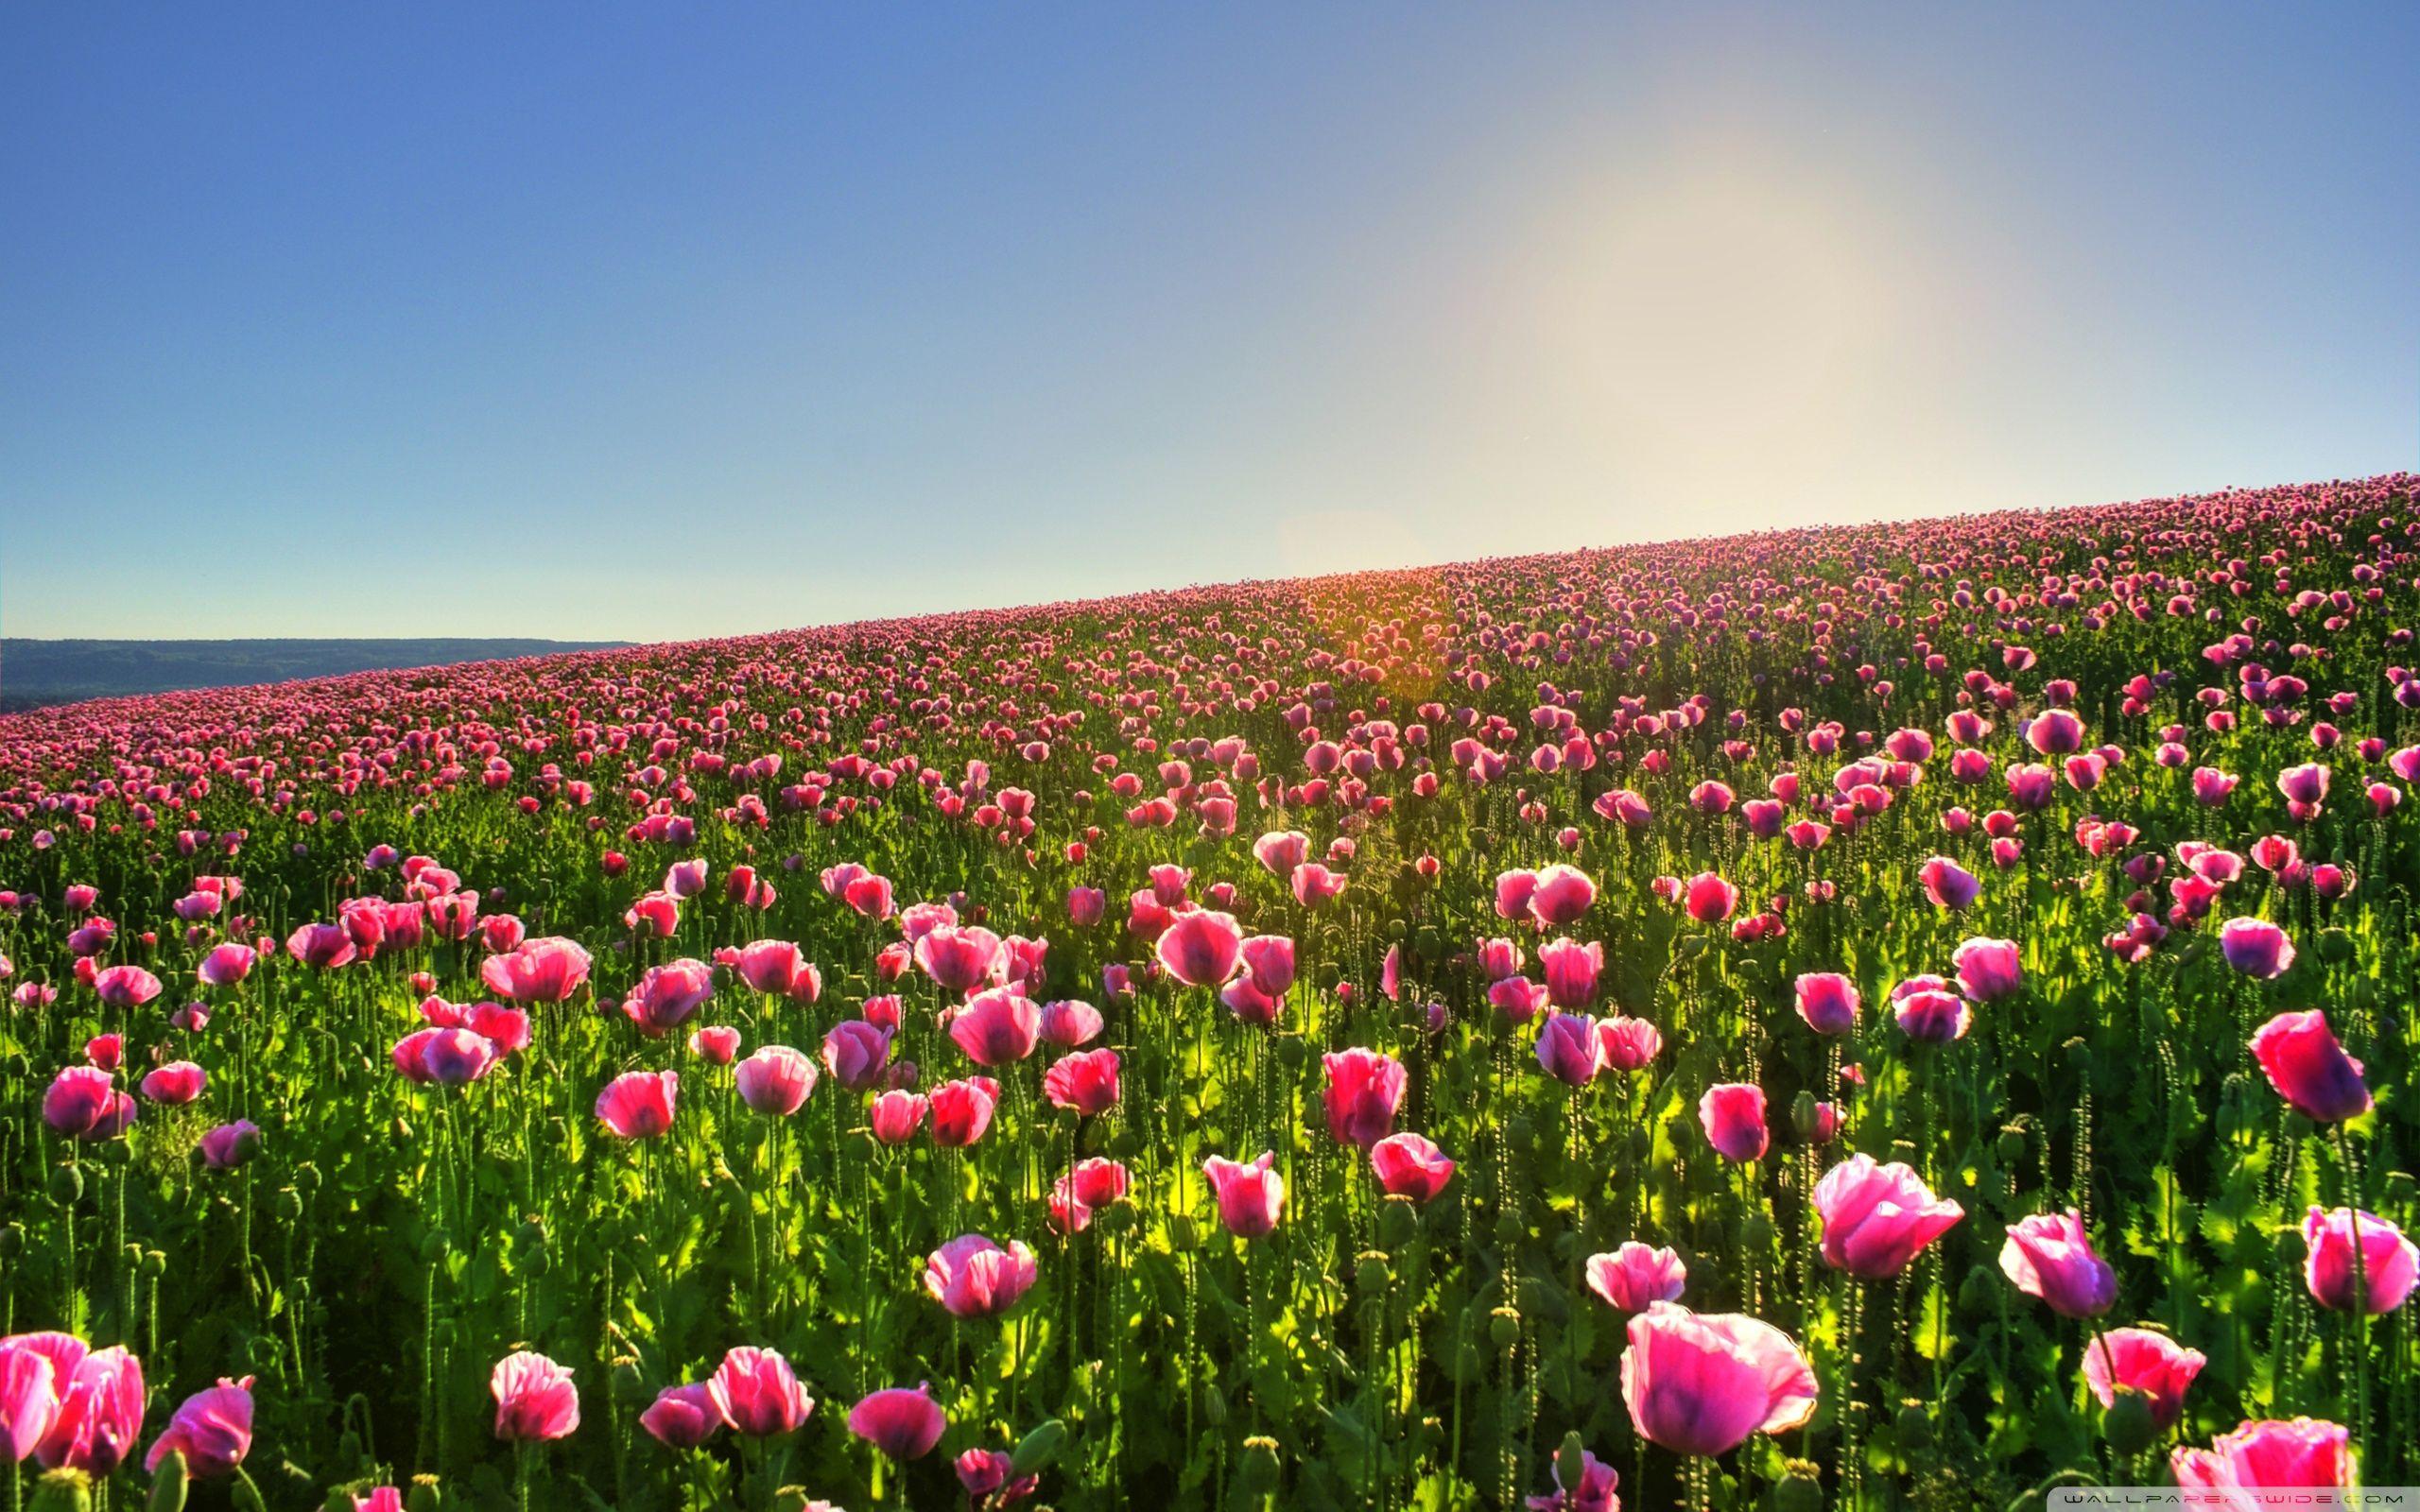 Amazing Flower Field Wallpaper 2560x1600 22455 Field Wallpaper Flower Field Amazing Flowers